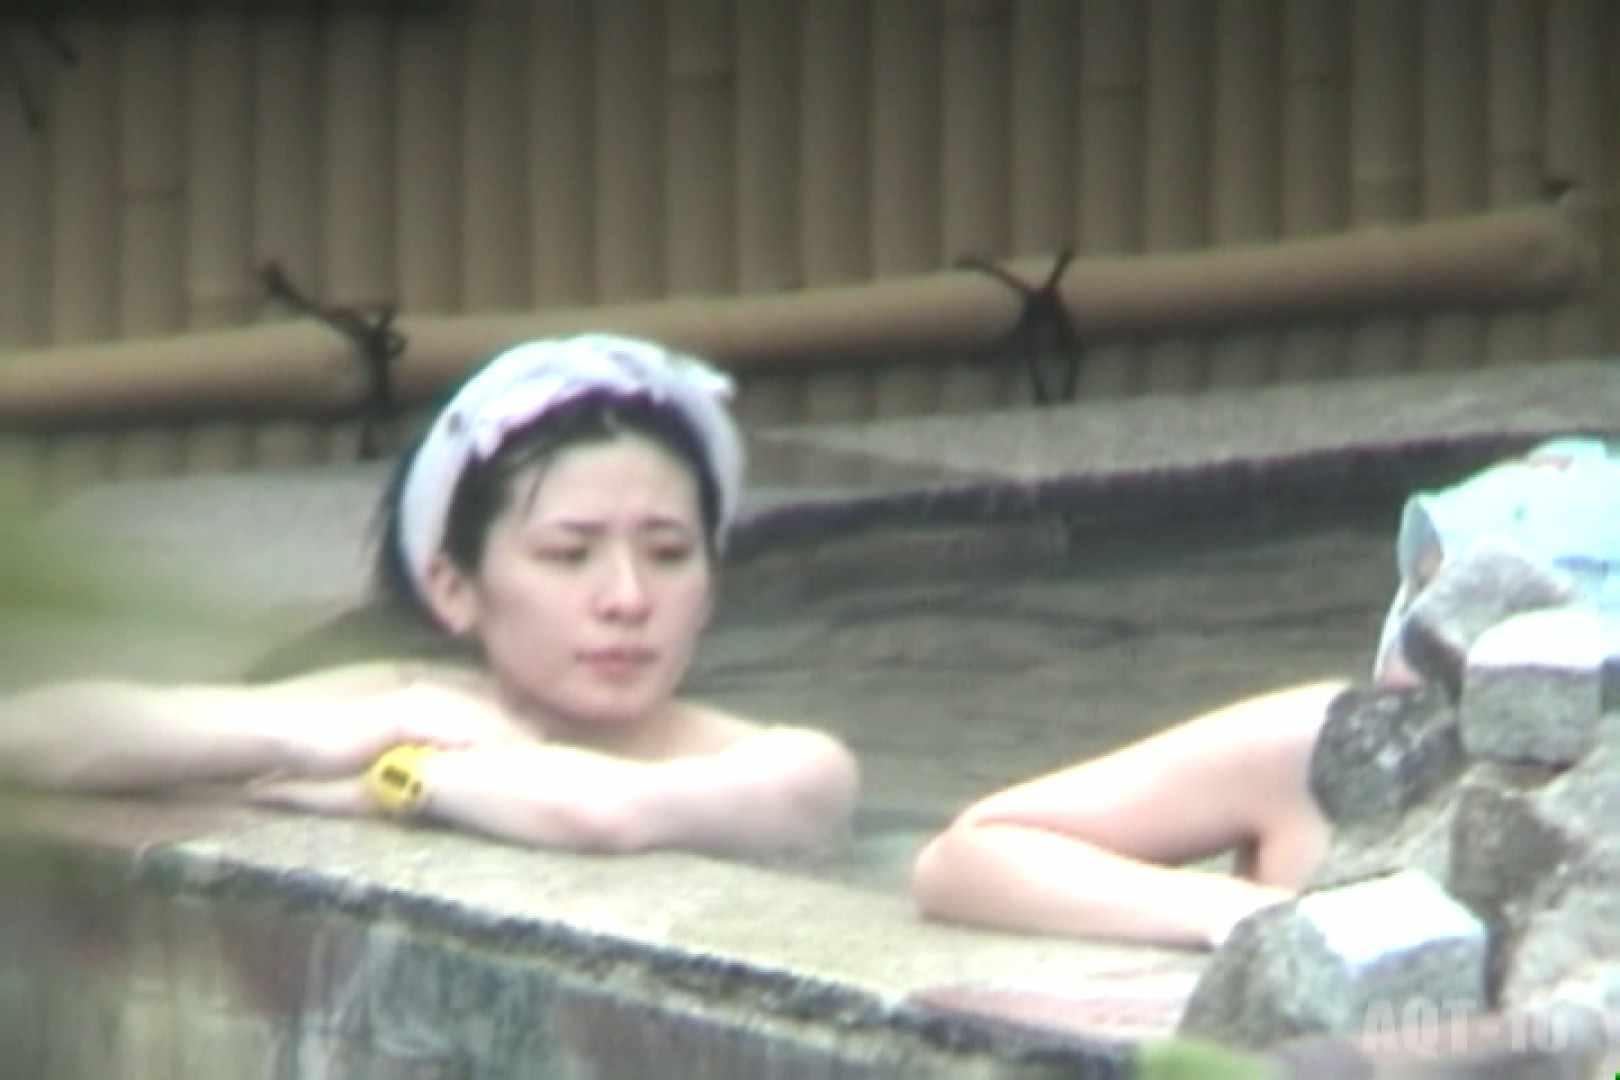 Aquaな露天風呂Vol.793 盗撮 オメコ無修正動画無料 94画像 32